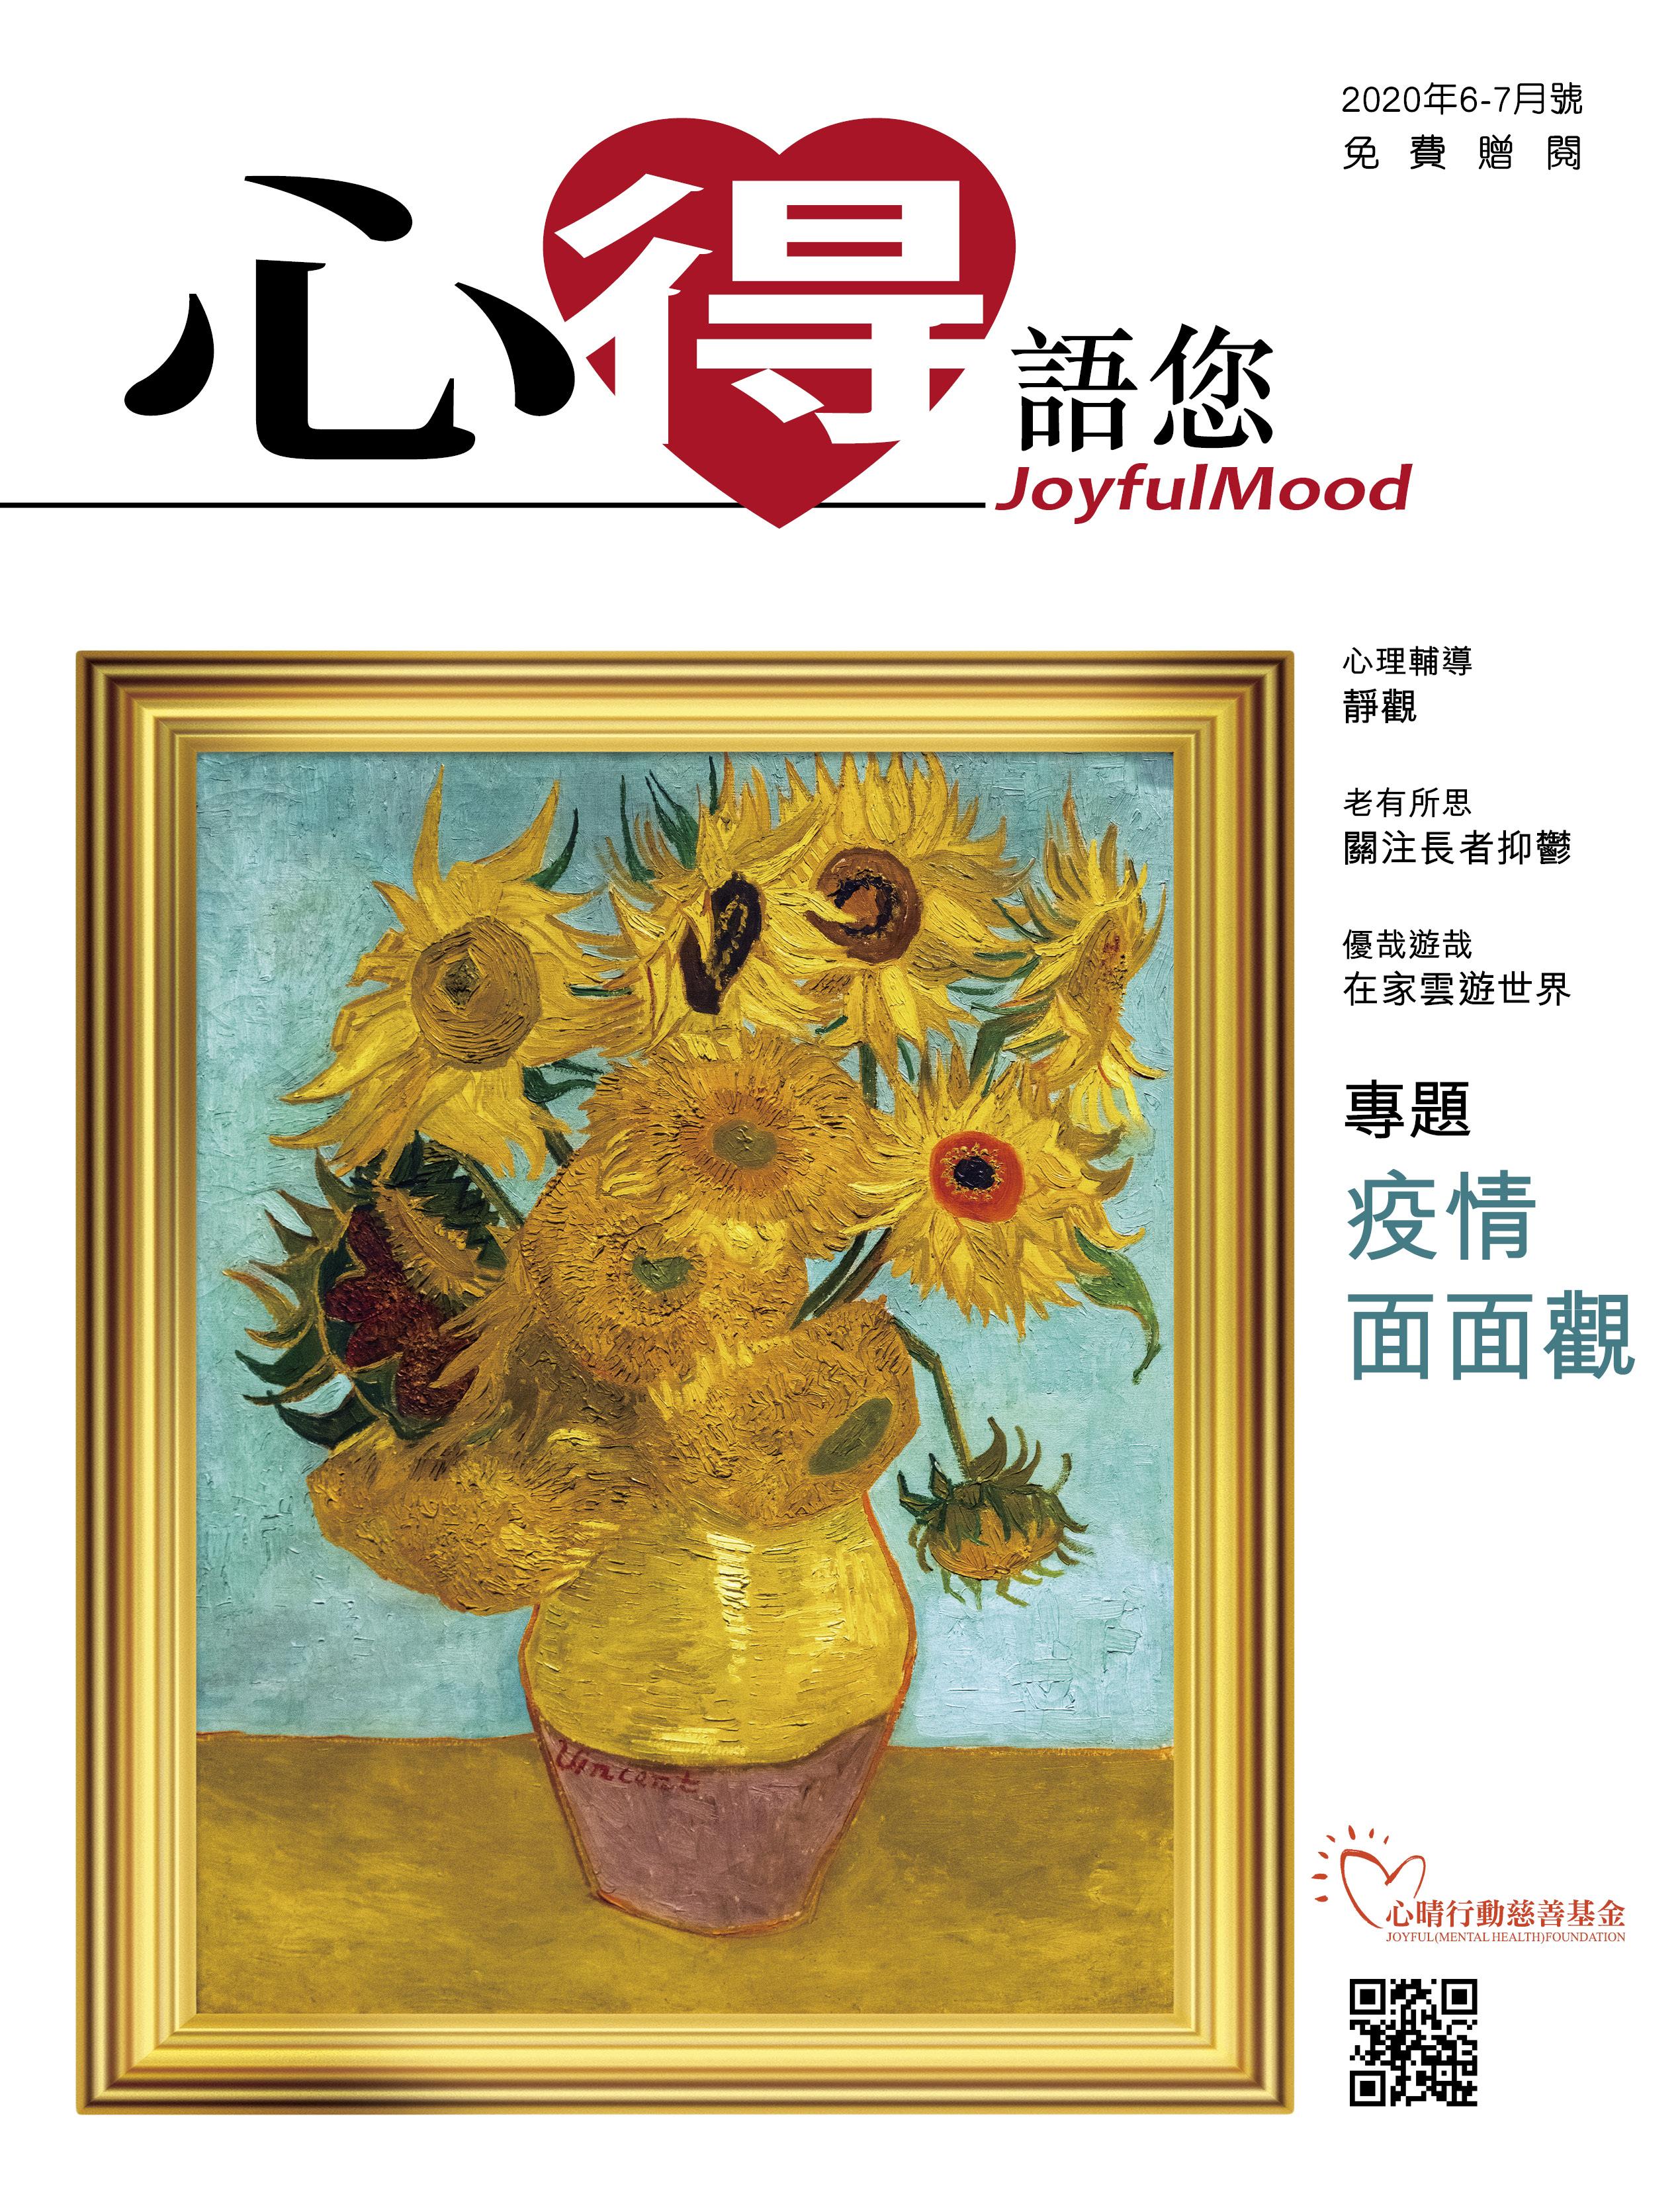 2020年6-7月號 《心得語您》雙月刊